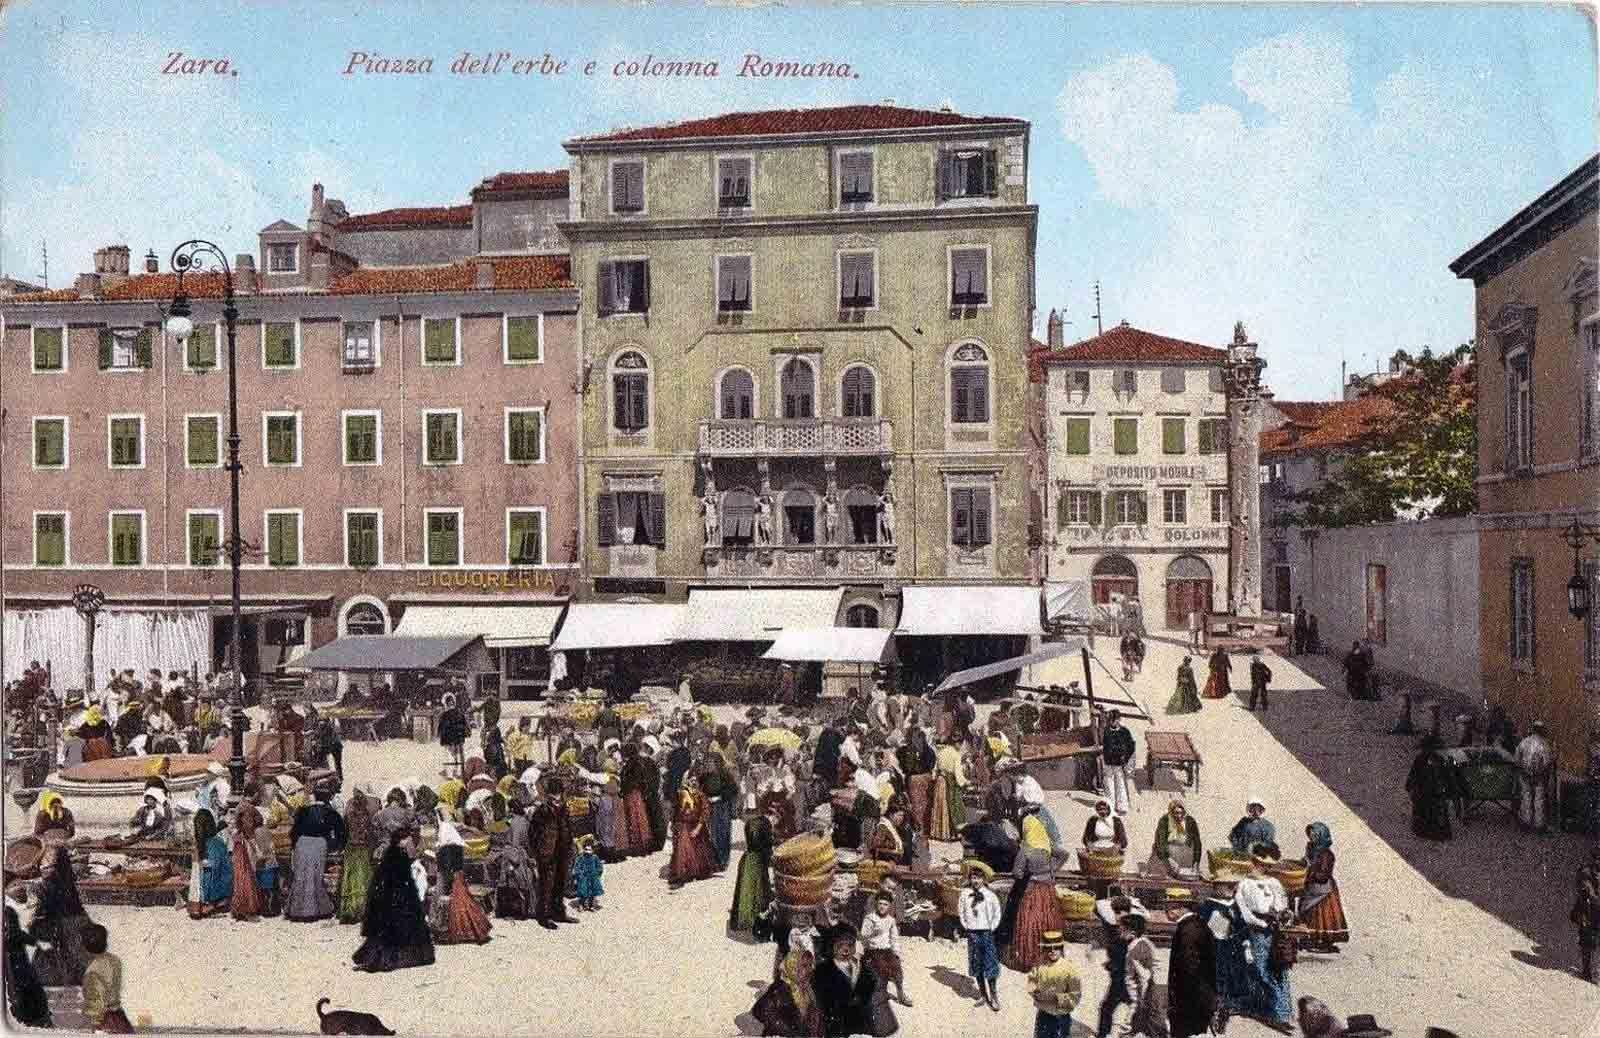 Piazza dell'Erbe around 1900